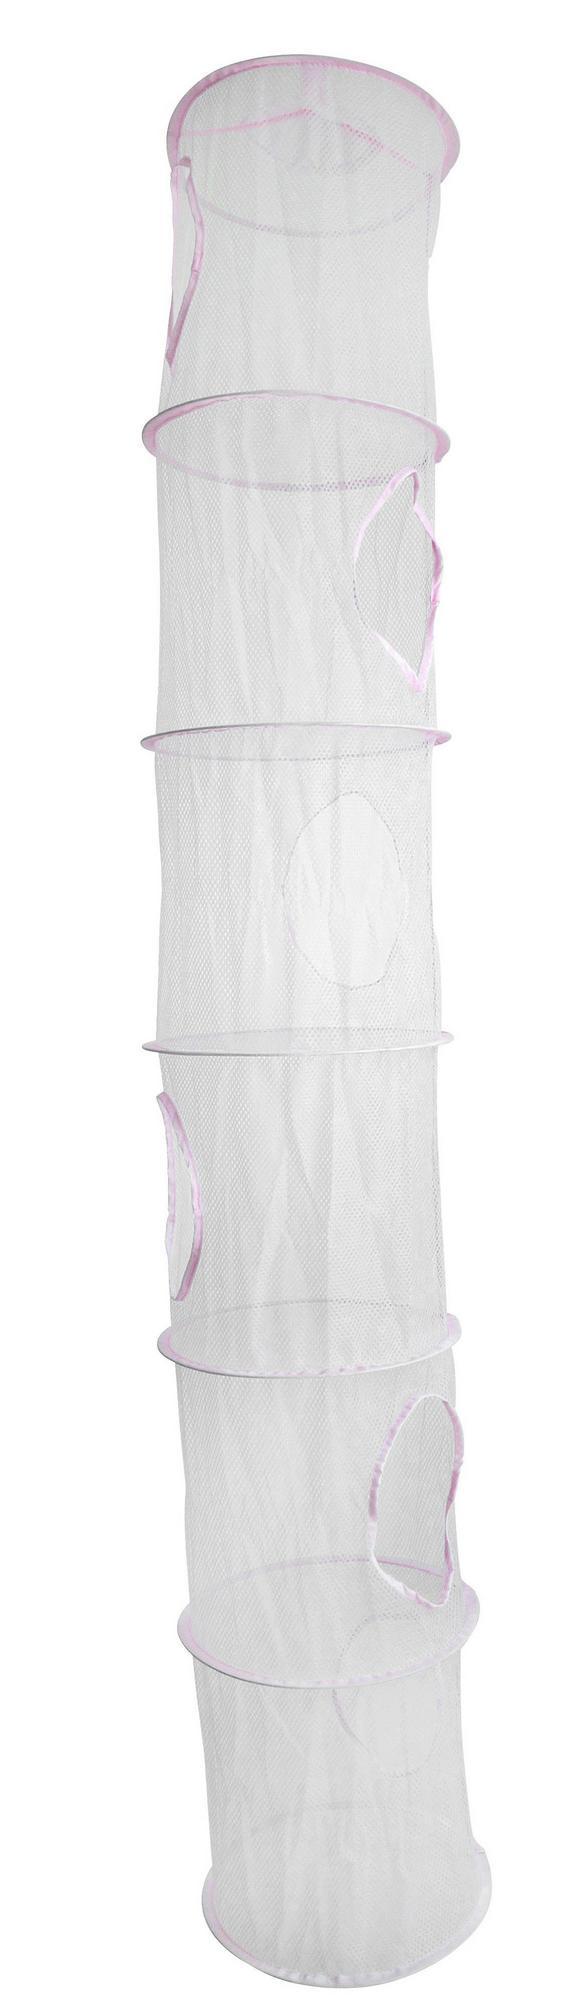 Tárolódoboz Kampy -sb- - Rózsaszín, modern, Műanyag (30/180cm) - Mömax modern living